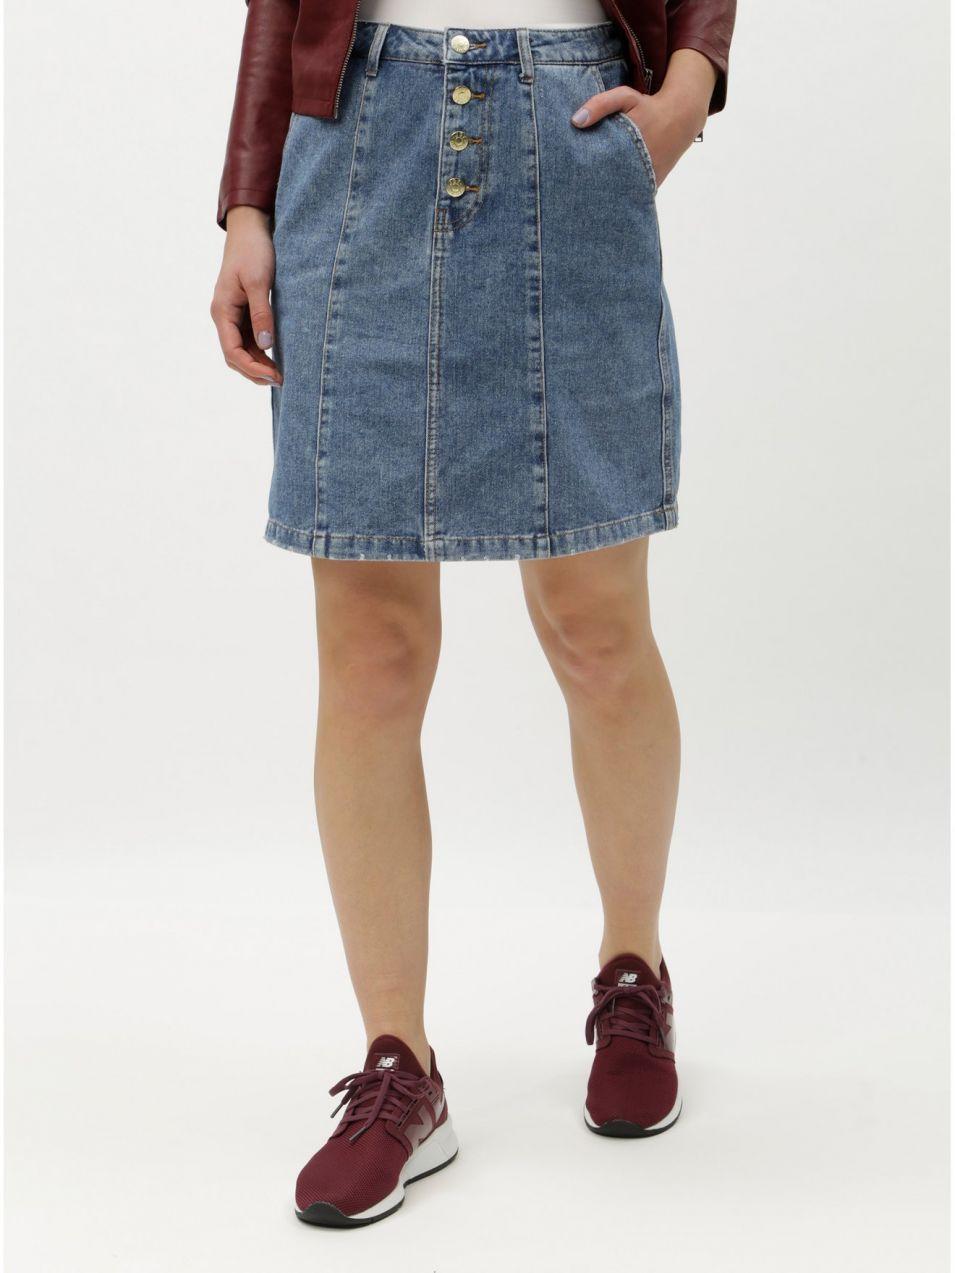 0ec324ad86 Modrá rifľová sukňa s gombíkmi Jacqueline de Yong Lola značky ...